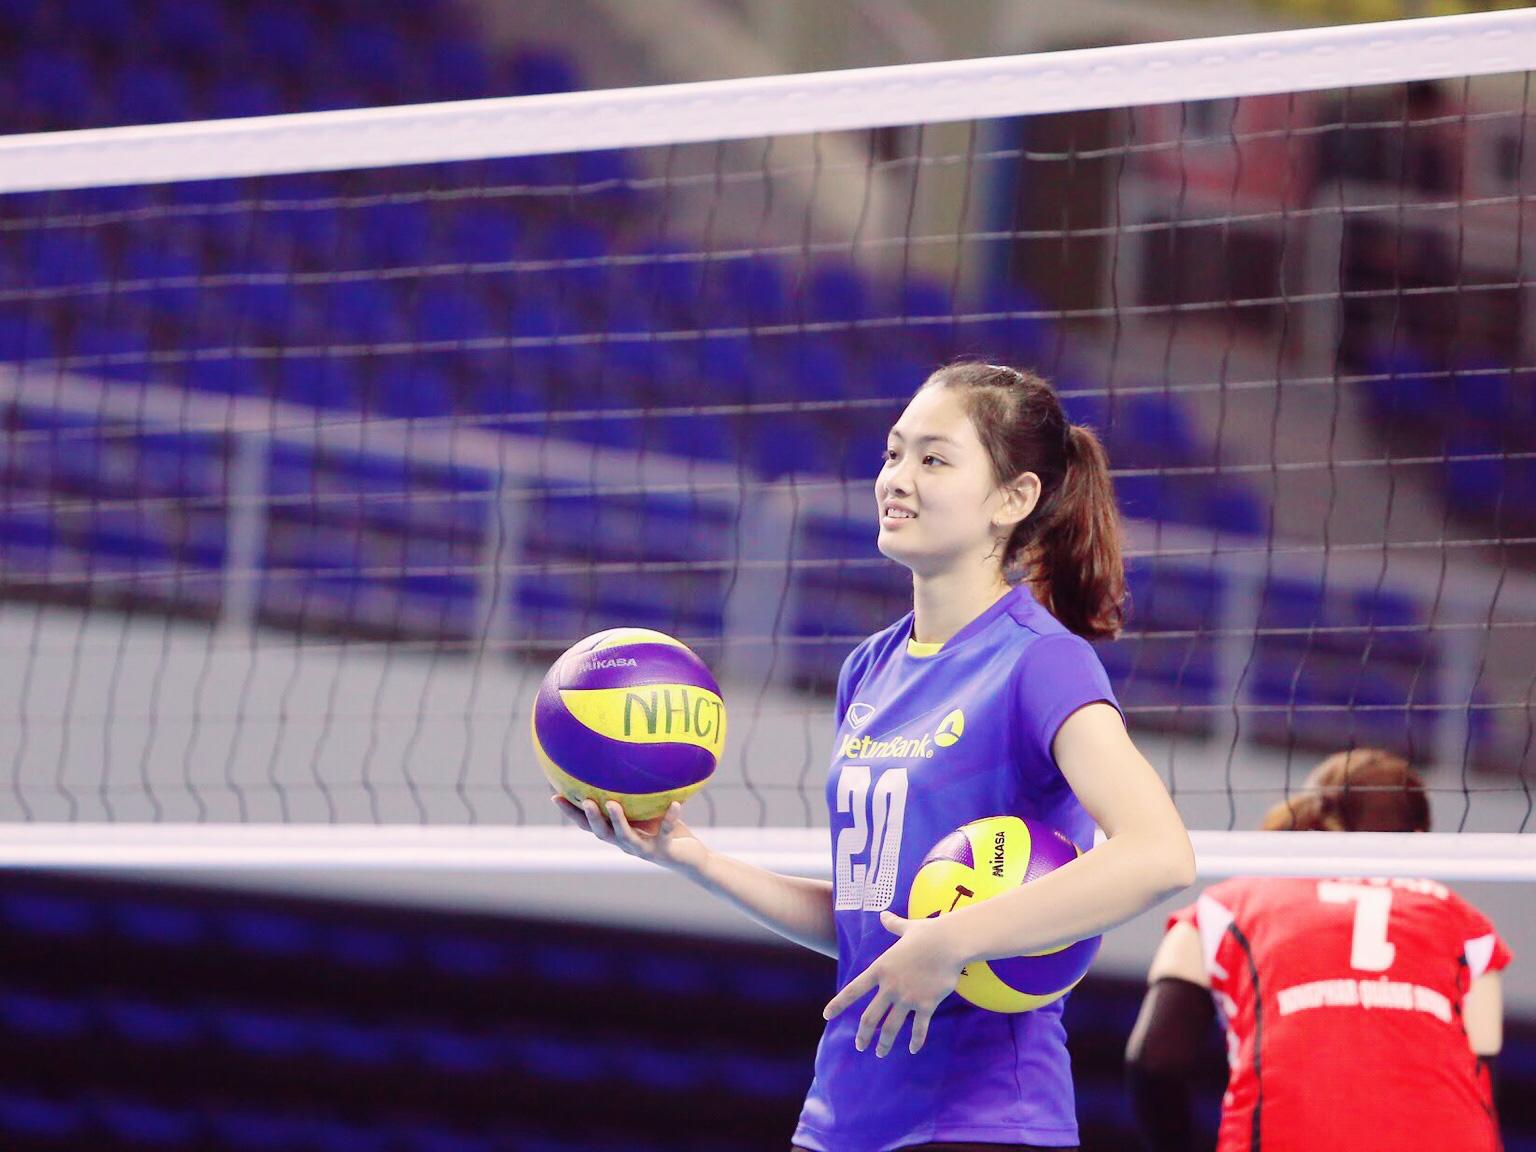 Hoa khôi bóng chuyền Việt Nam cao 1,74 m được báo chí thế giới khen ngợi - Ảnh 1.